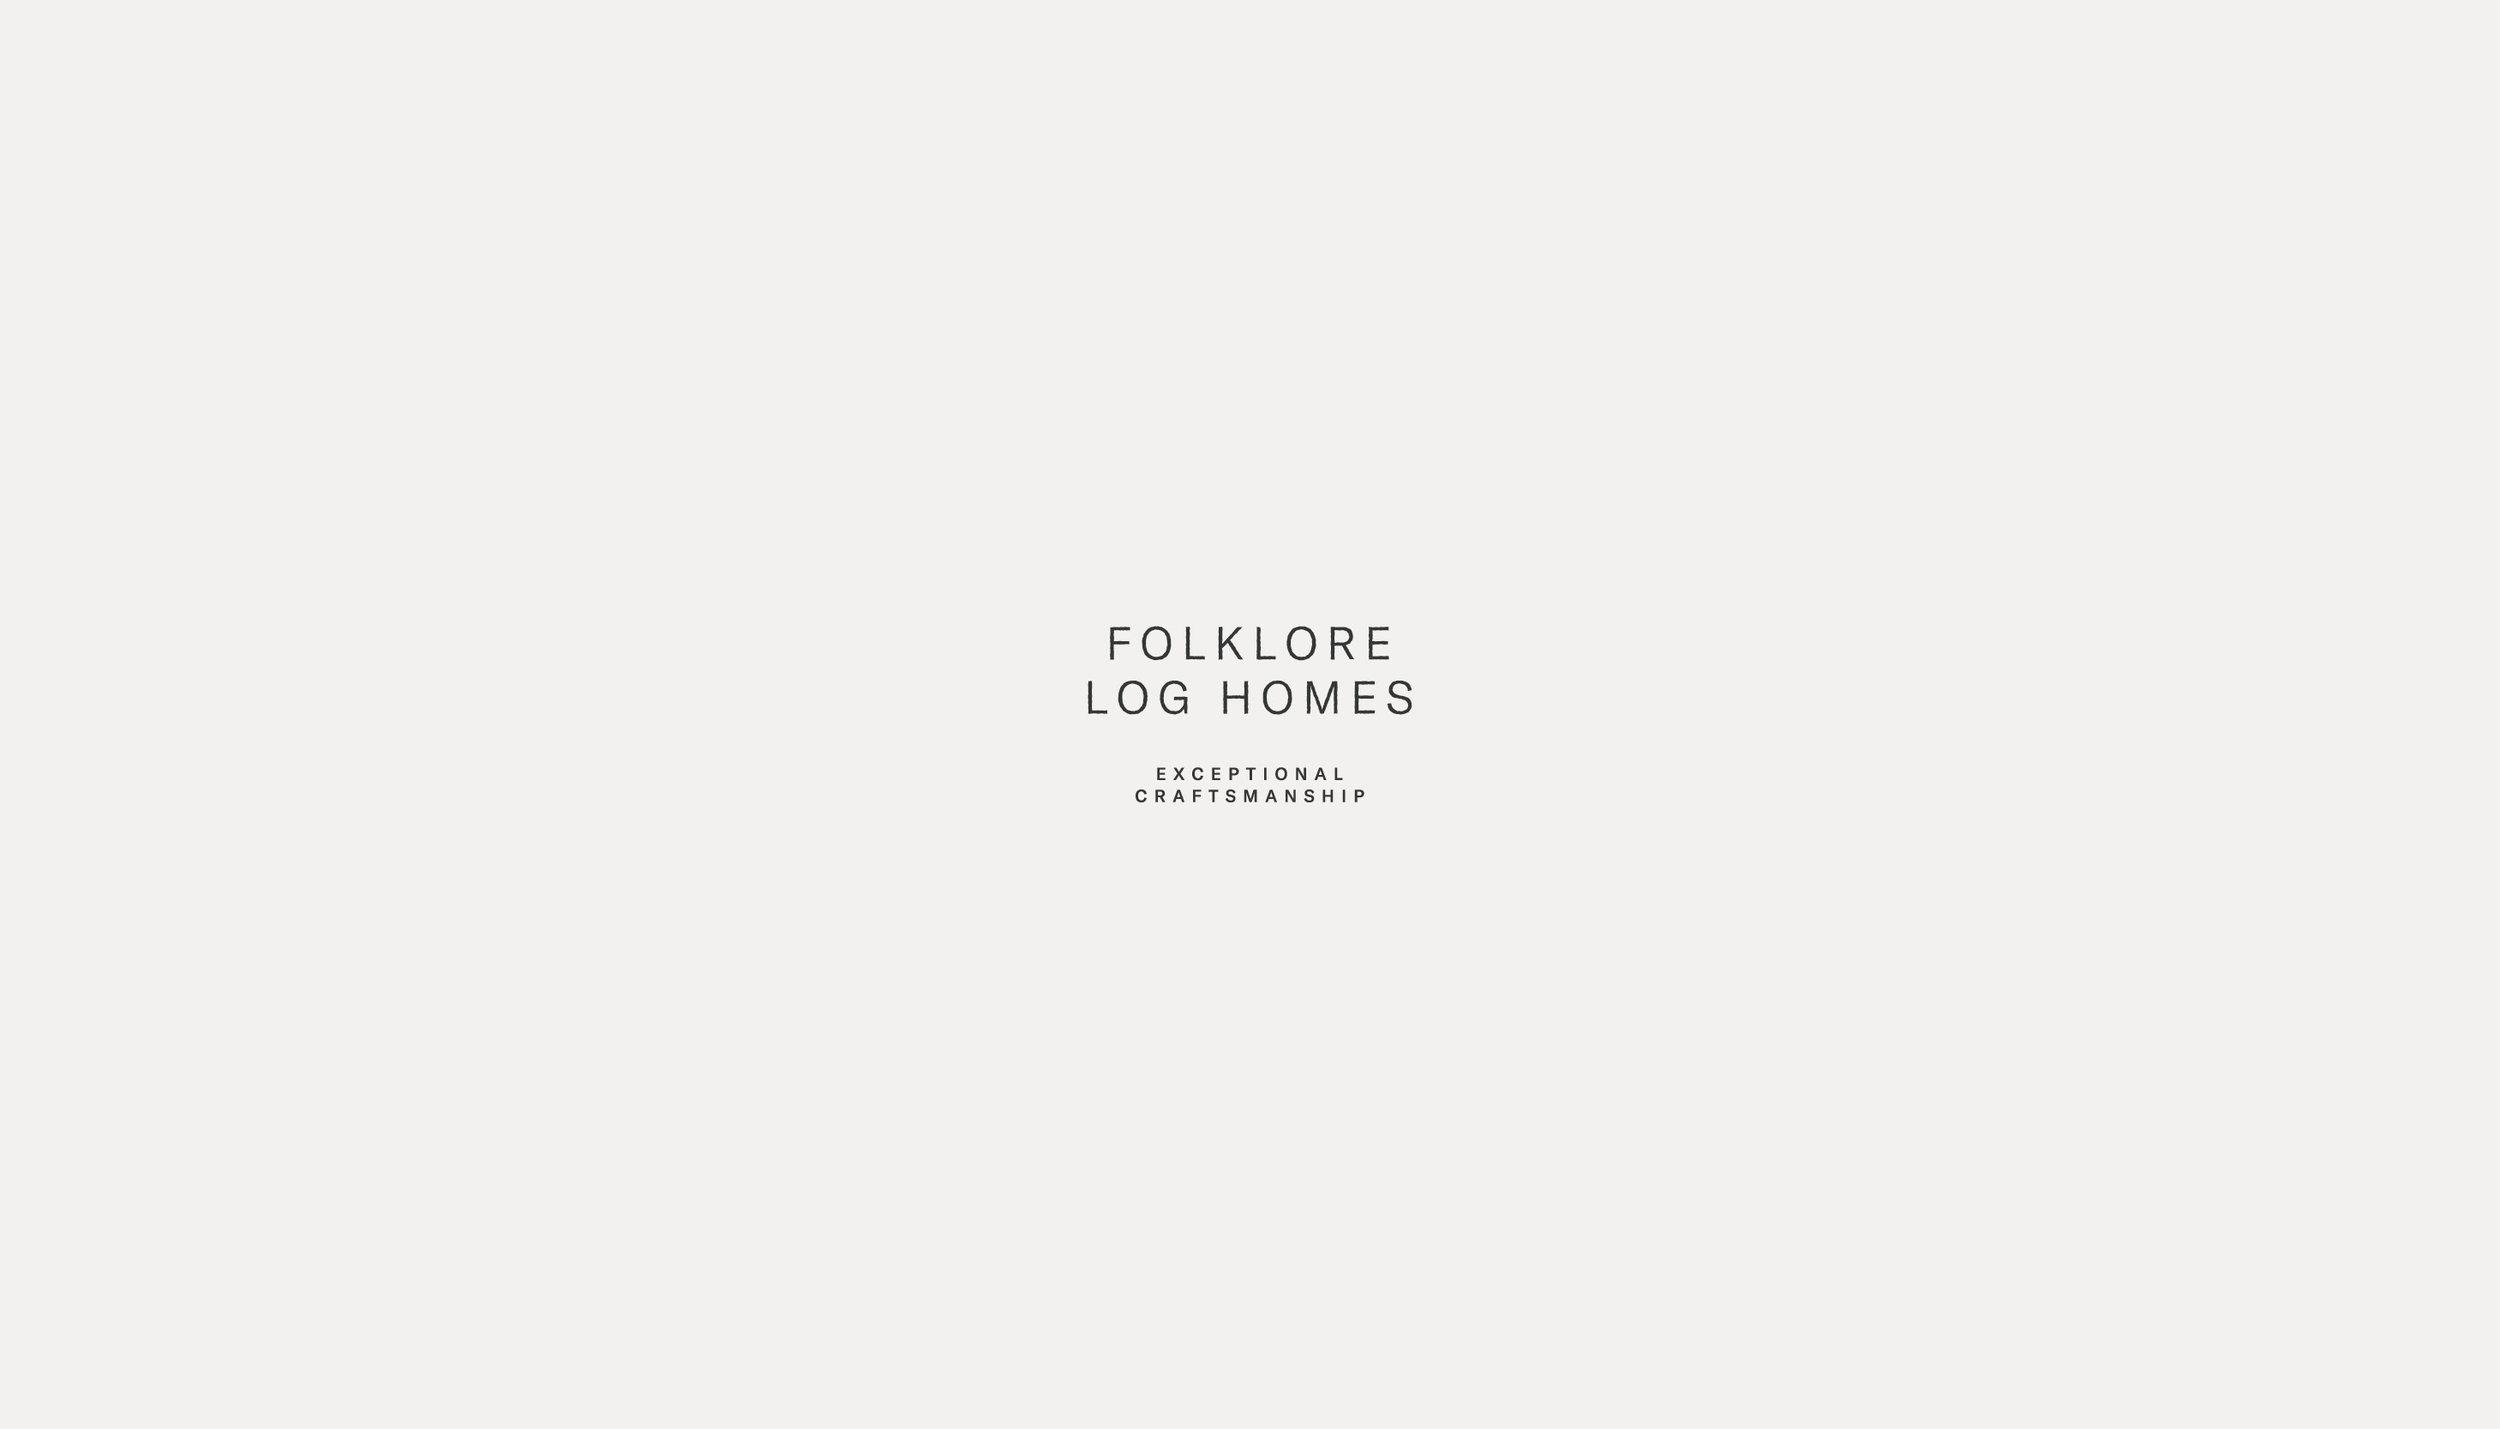 LOGO_2018_ALL52.jpg